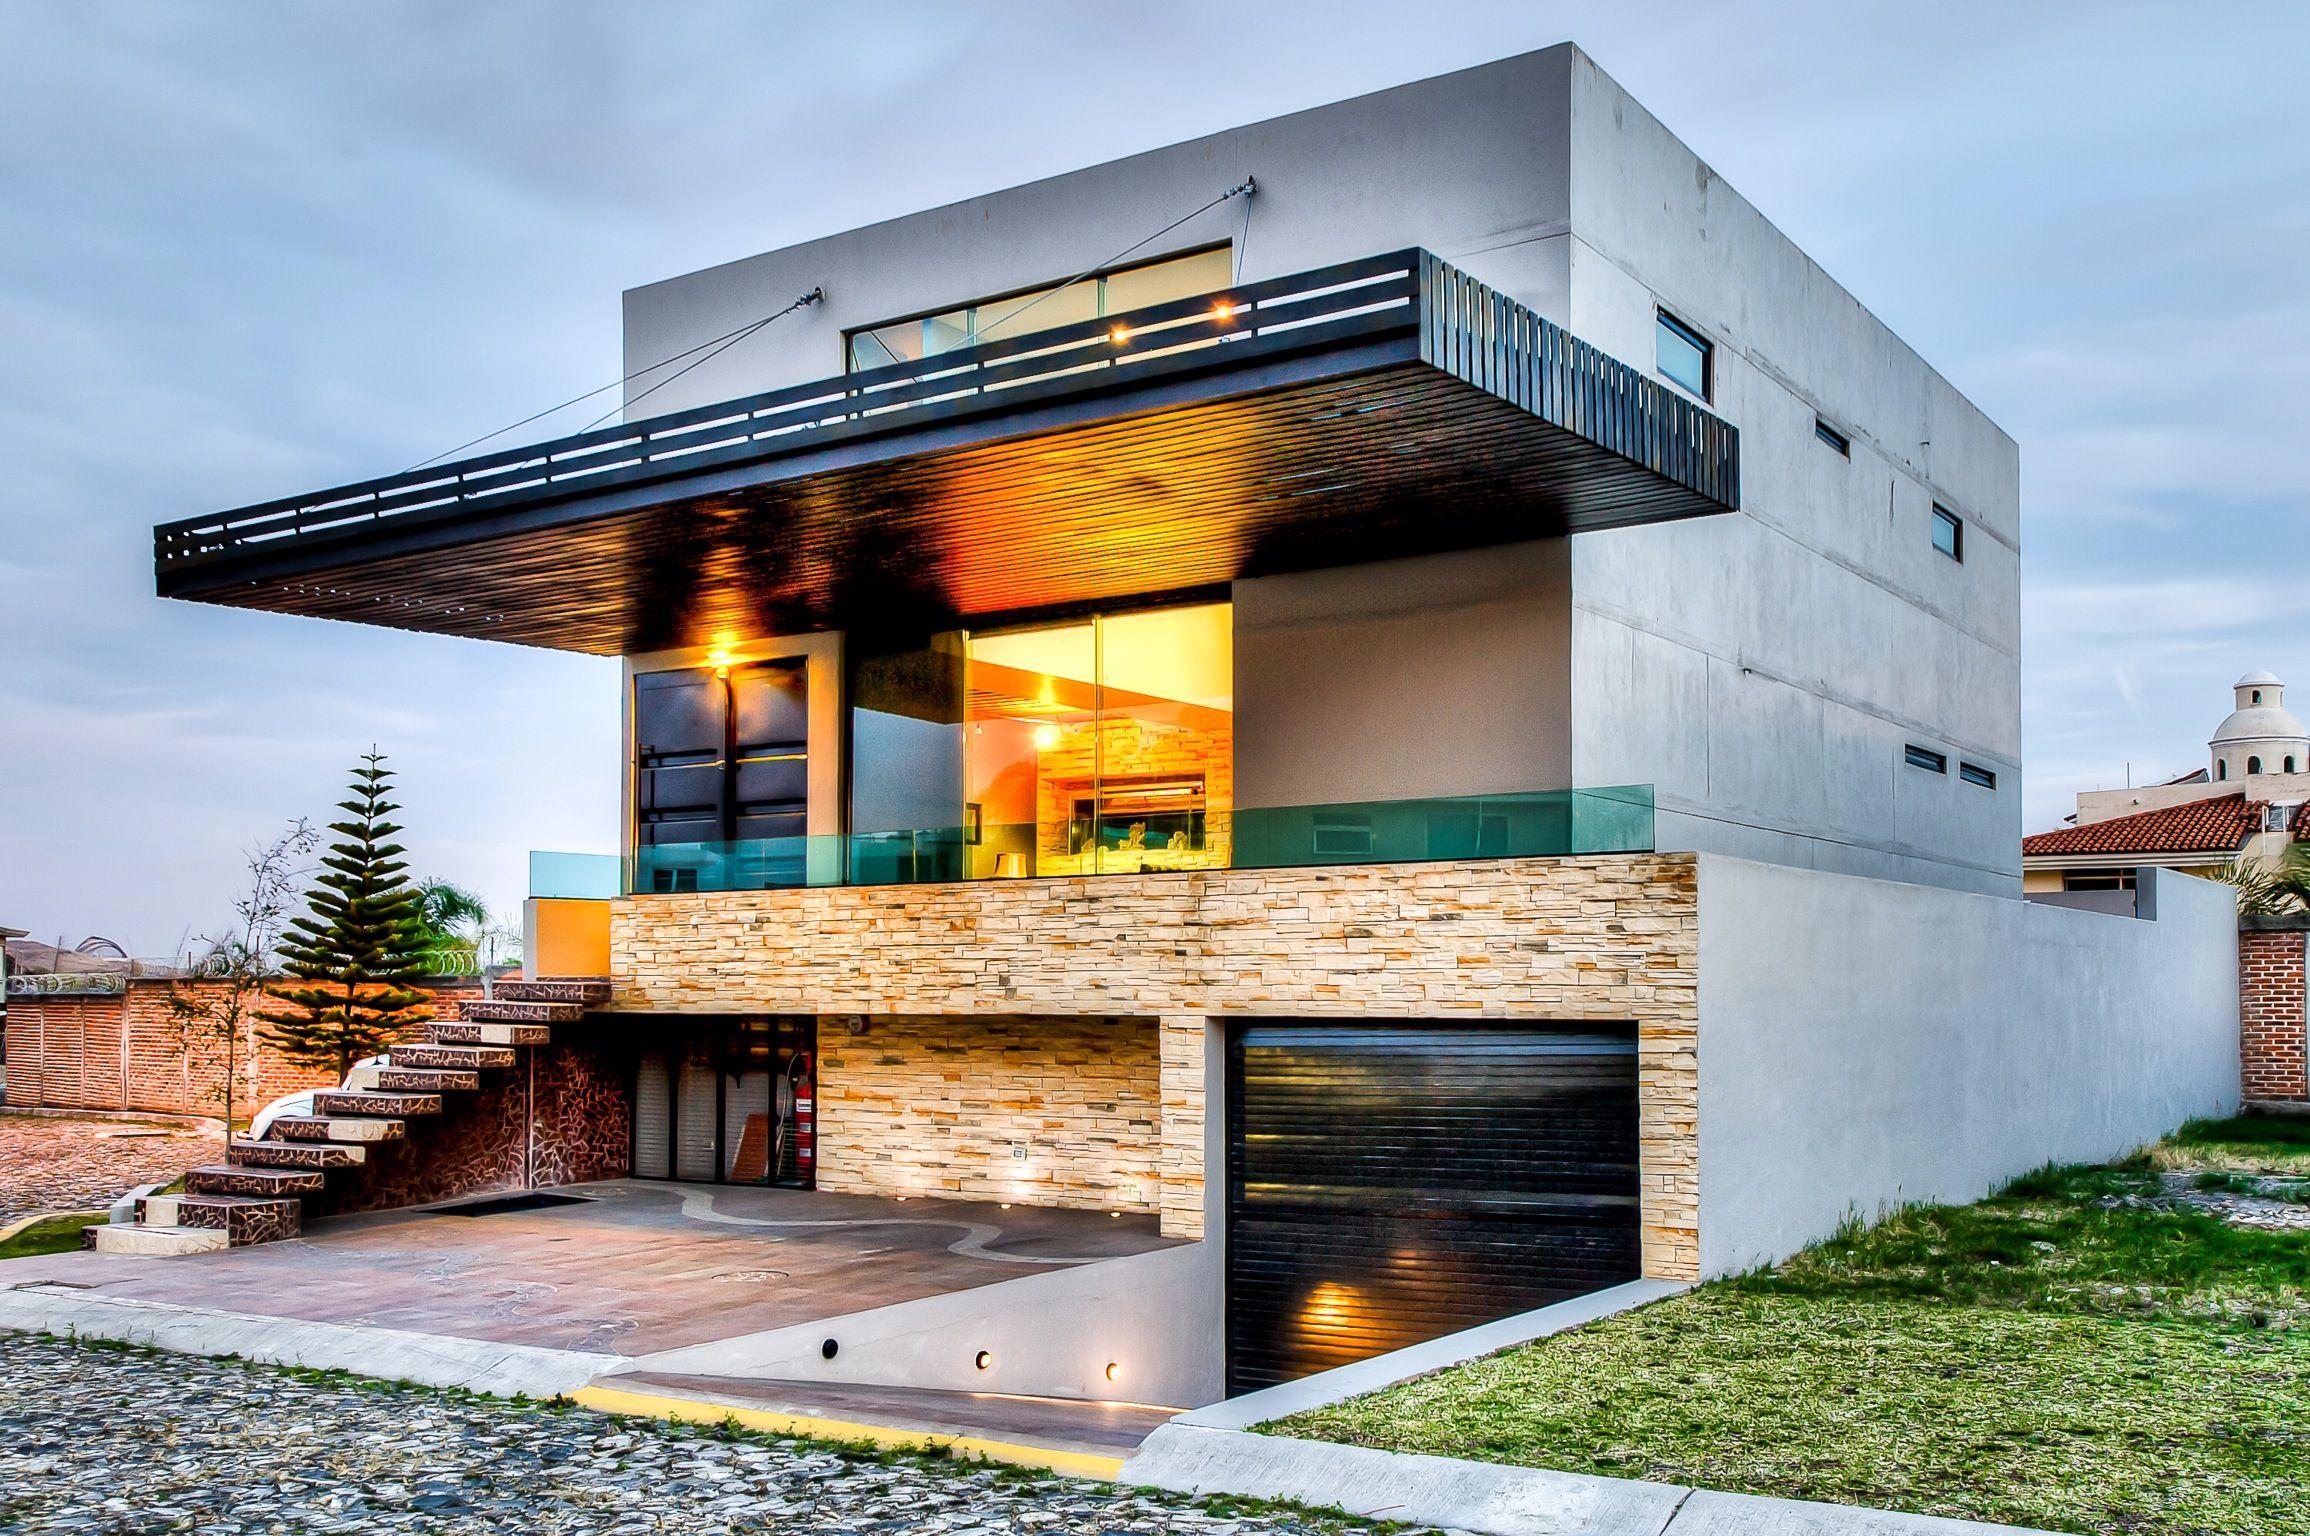 Casa hecha con contenedores mar timos contenedores pinterest house design container house - Casas hechas con contenedores maritimos ...